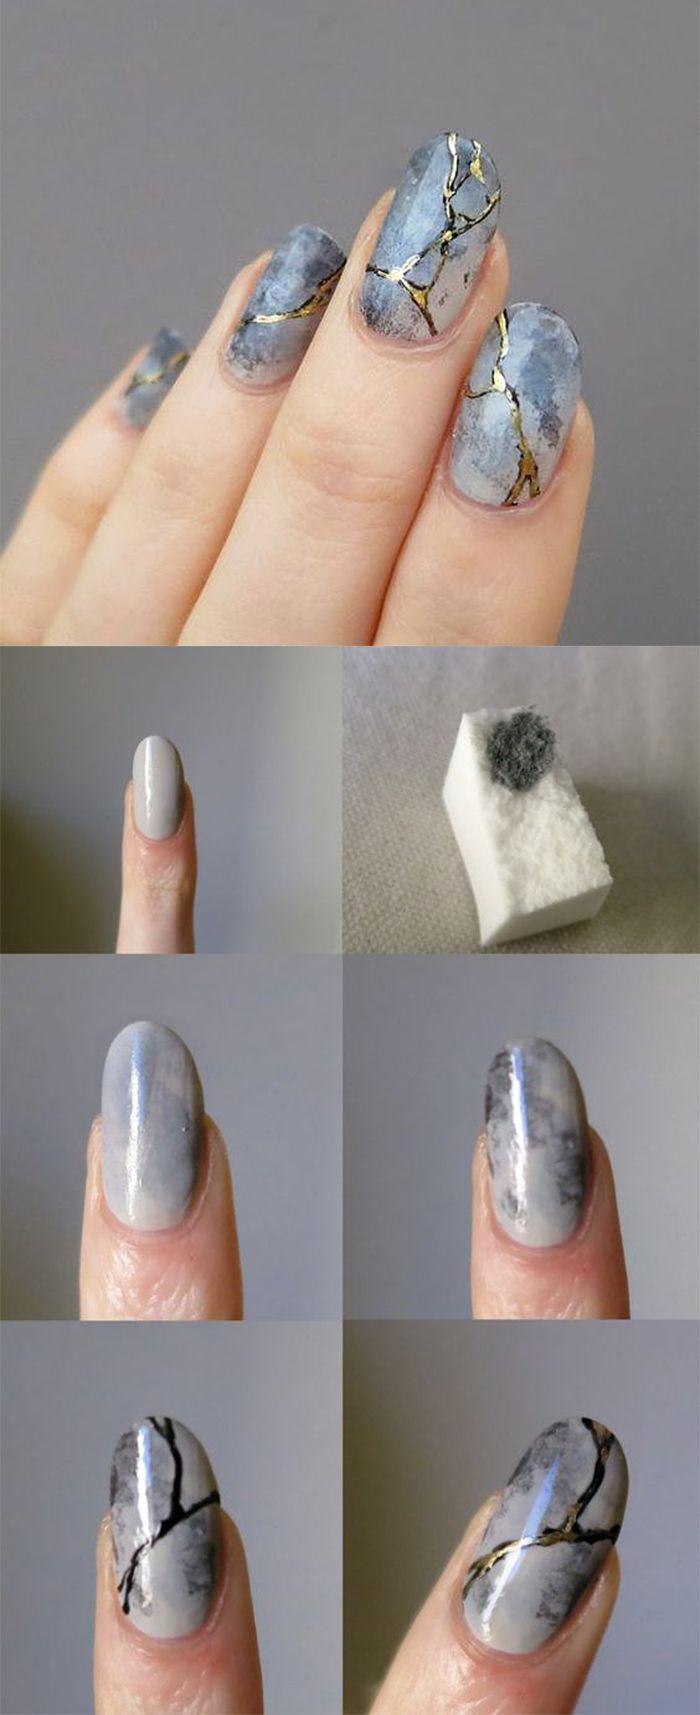 Mramorová manikúra s gelovým lakem (60 fotografií). Jak to udělat?  🚩